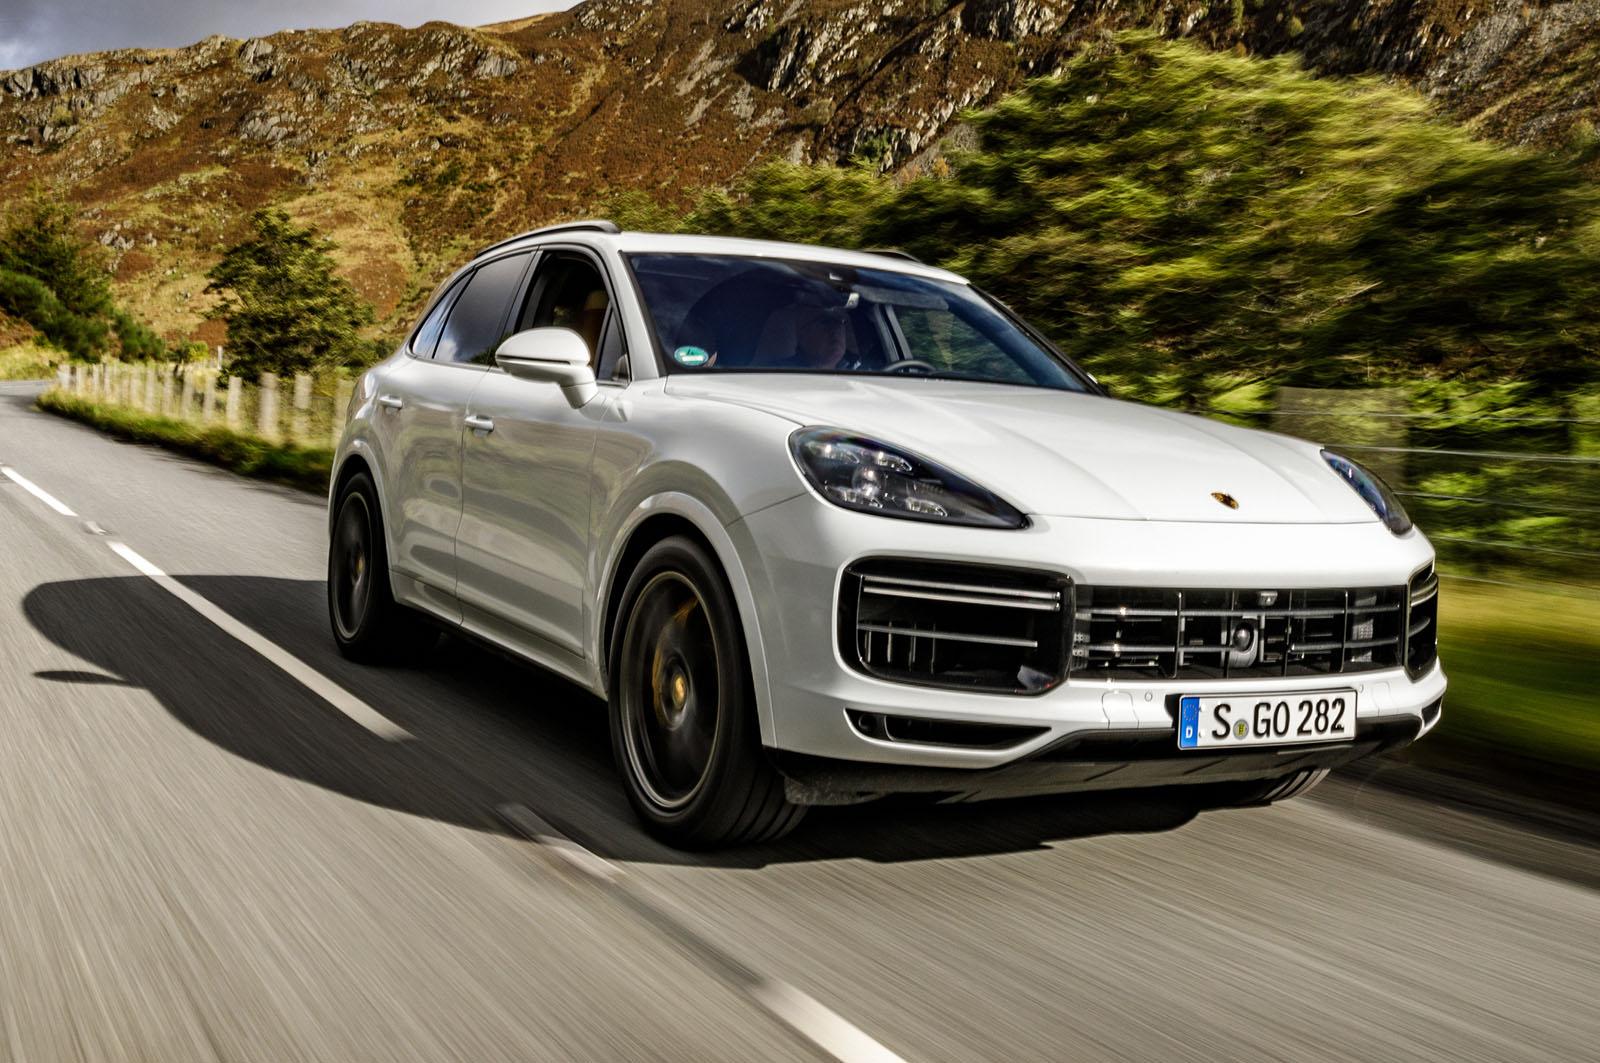 100 2017 Porsche Cayenne Gts White 2014 Porsche